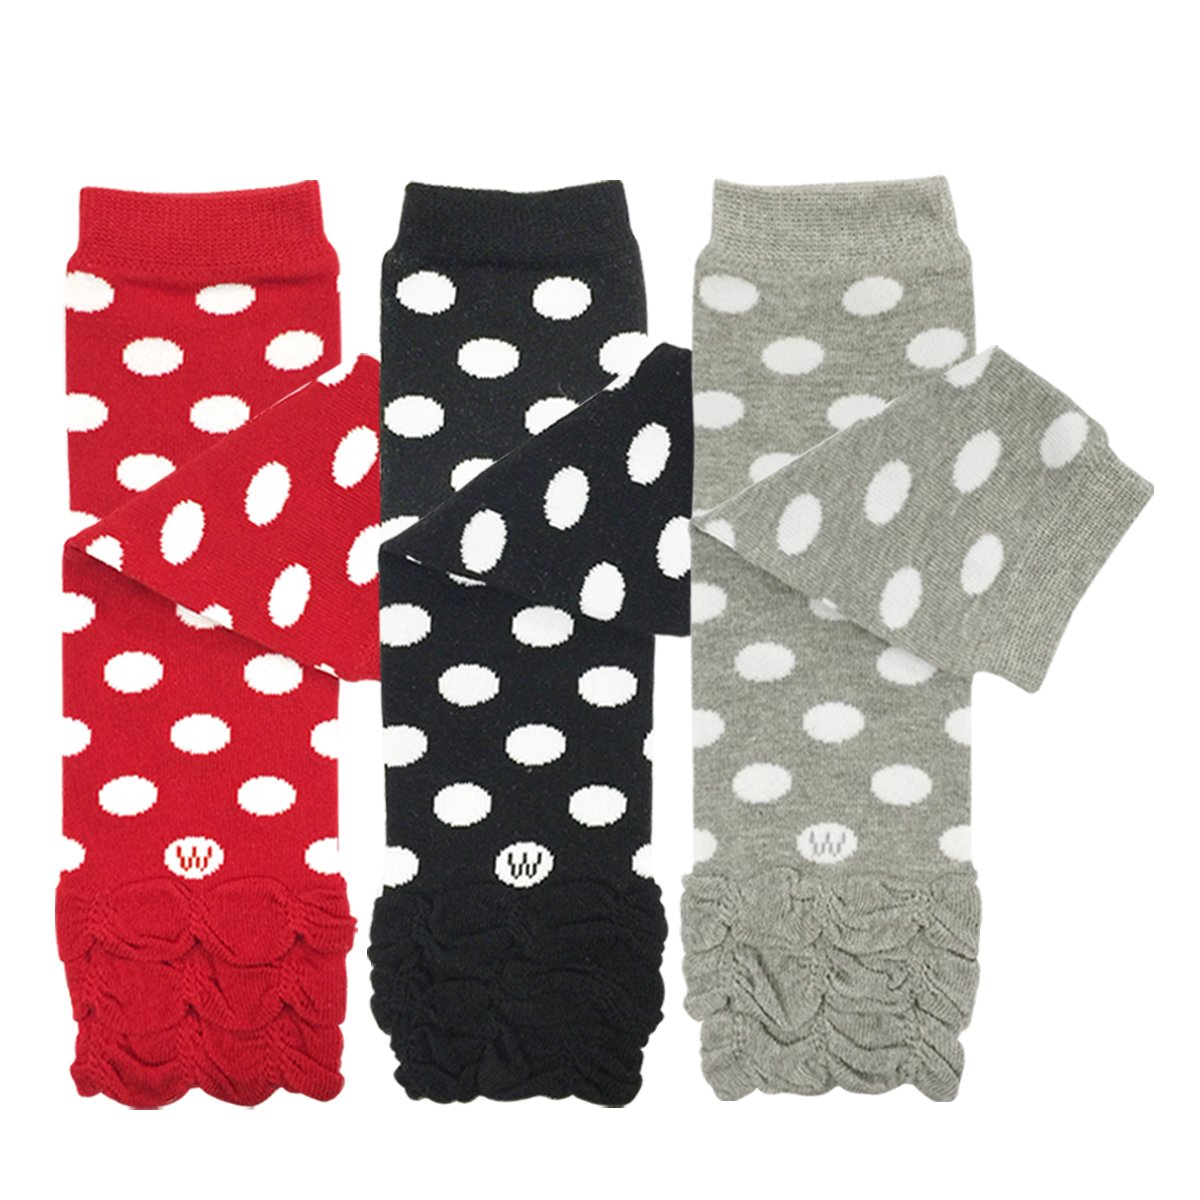 ALLYDREW 3 Pack Polka Dots, Ruffles & Stripes Baby Leg Warmer & Toddler Leg Warmer for Boys & Girls, Red, Black, Gray